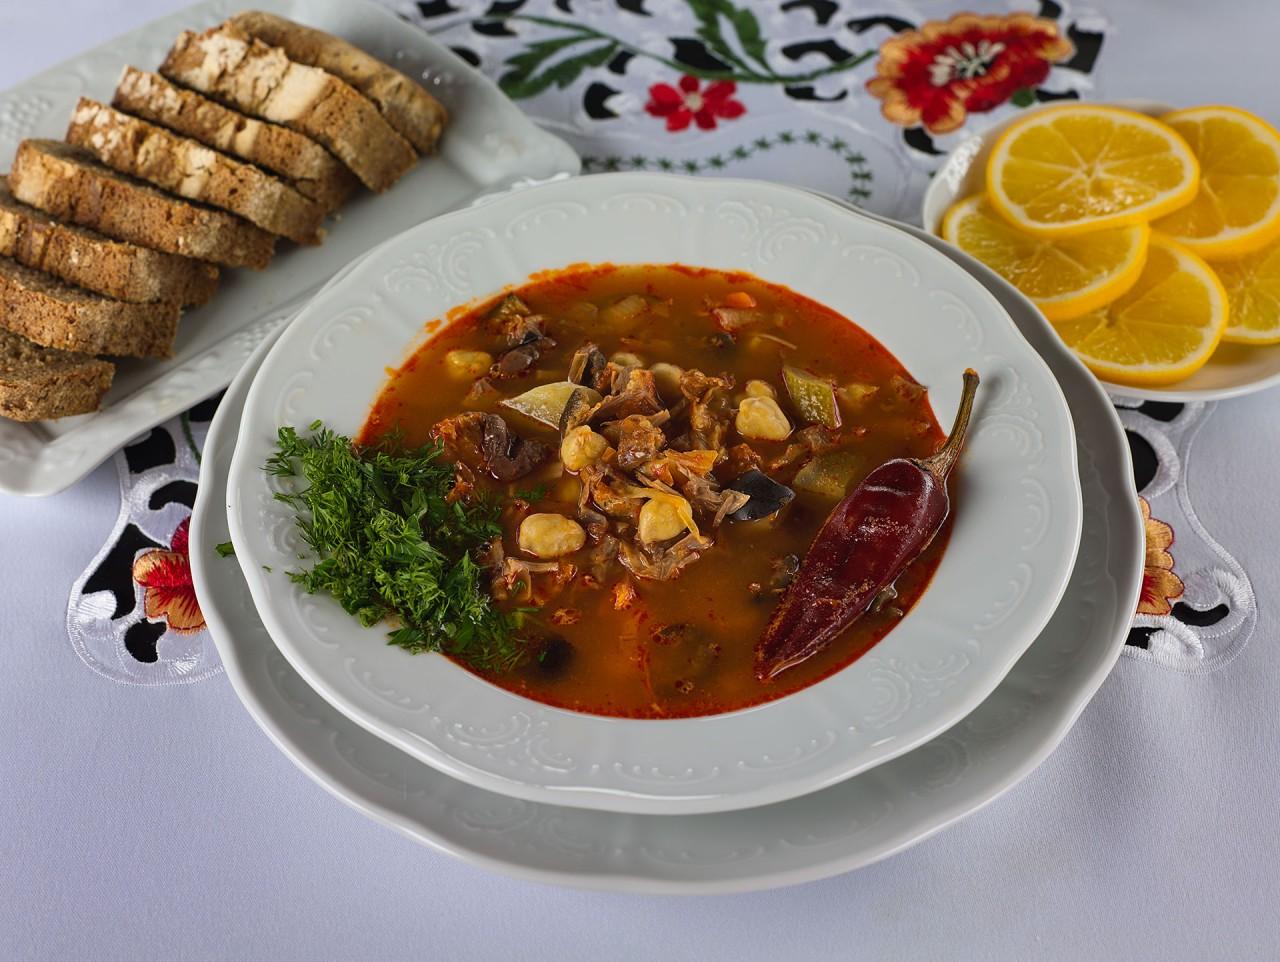 Солянка - барское блюдо?! Да не смешите! Это блюдо для тех, кто умеет готовить!